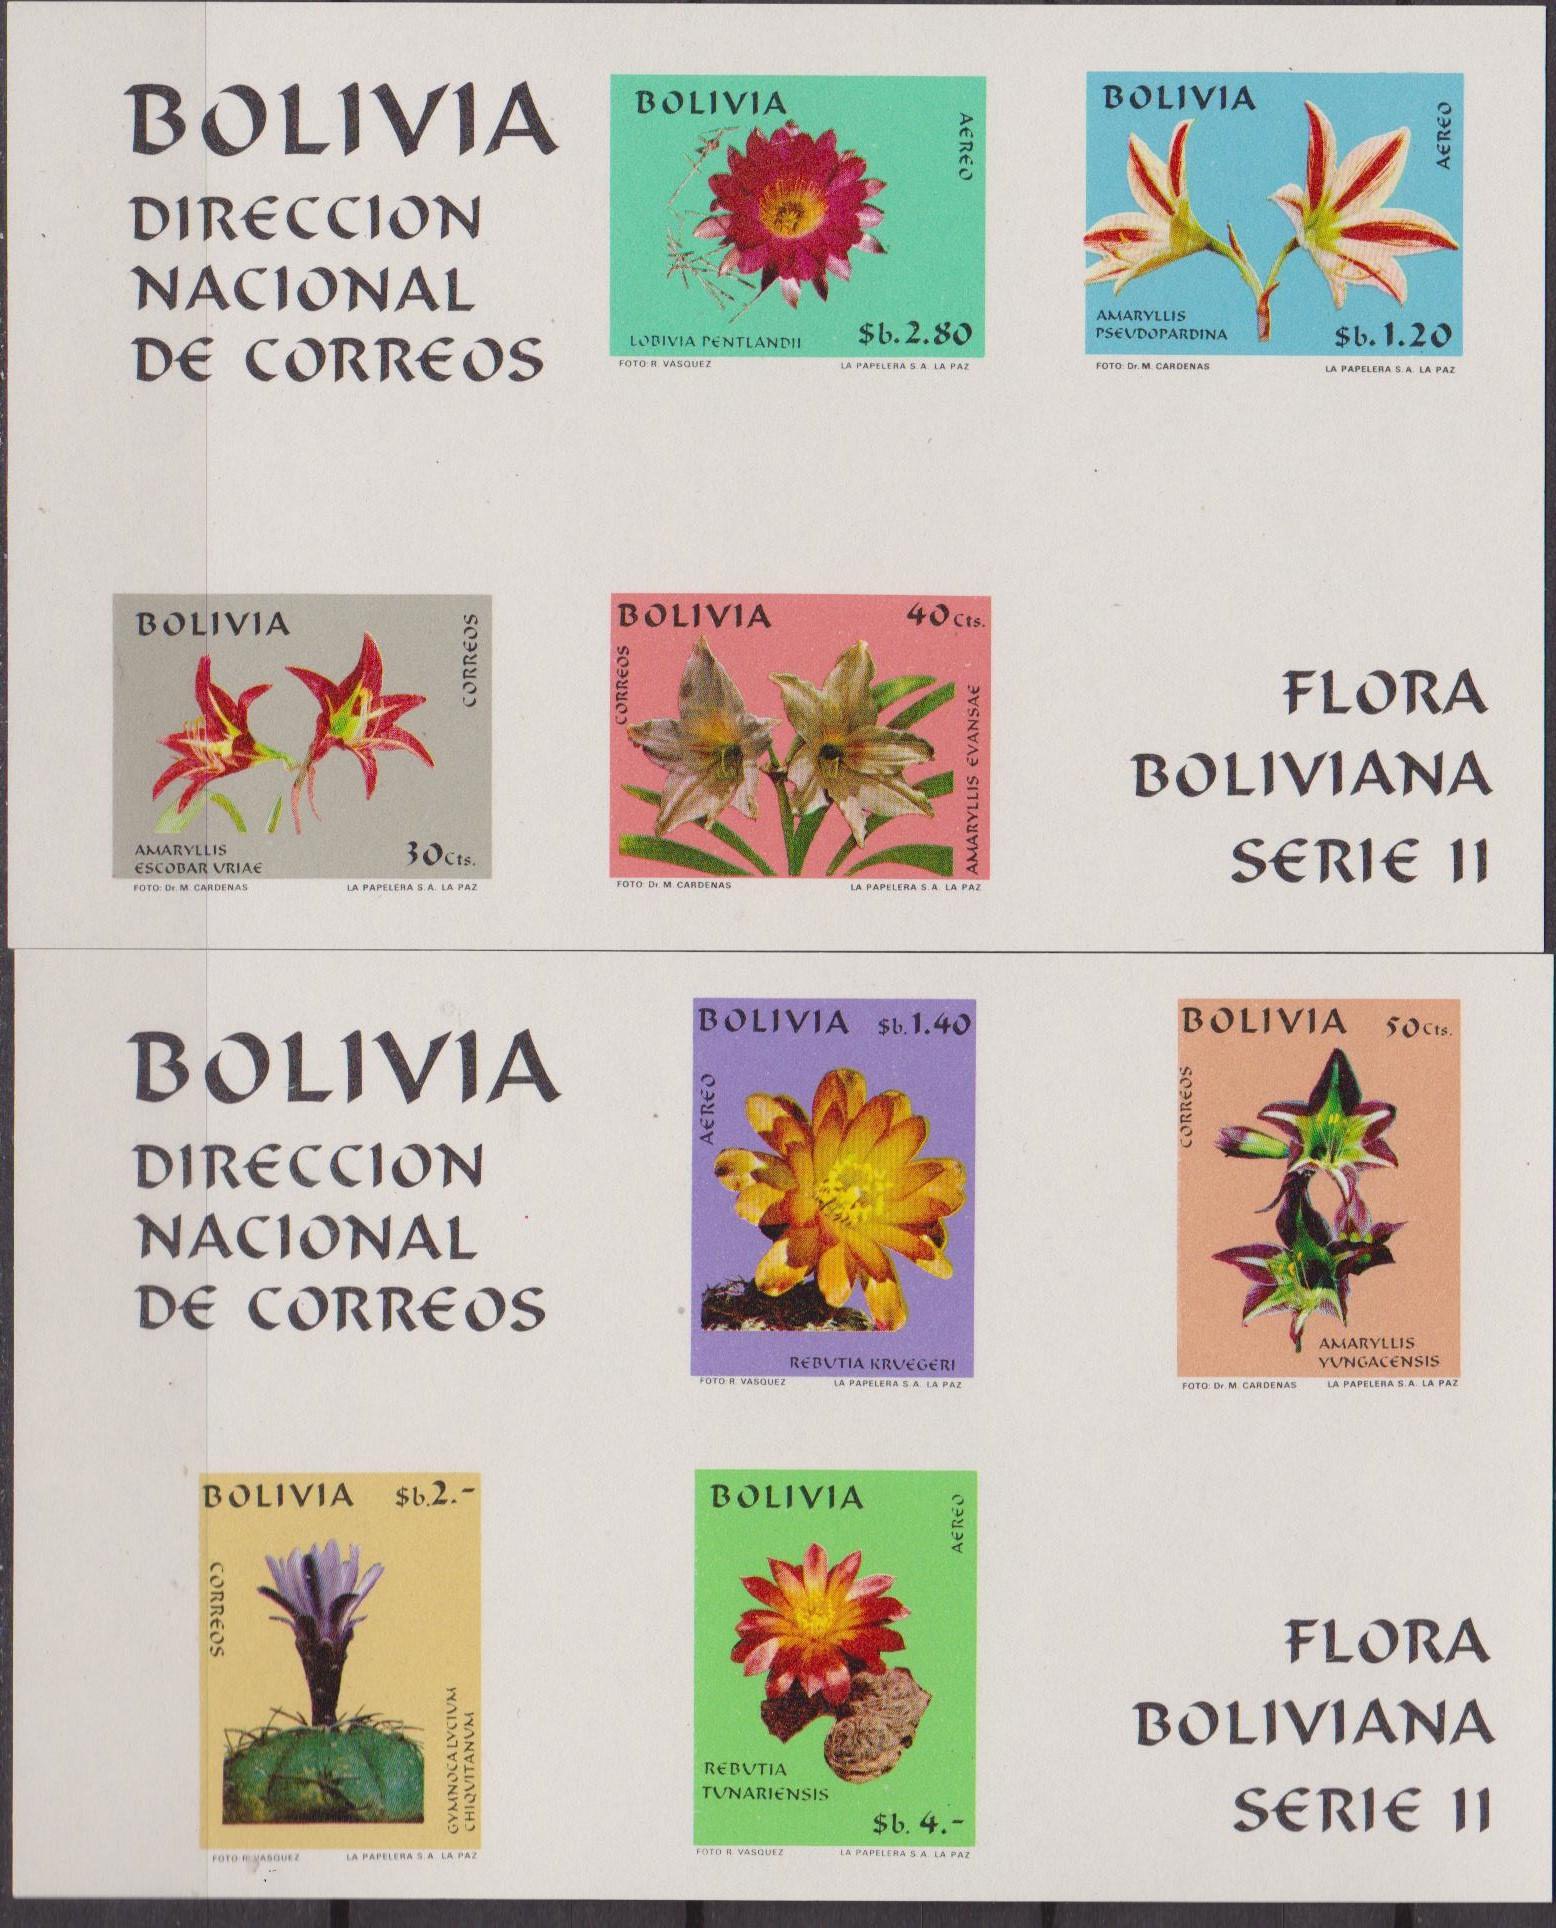 BOLIVIA 002